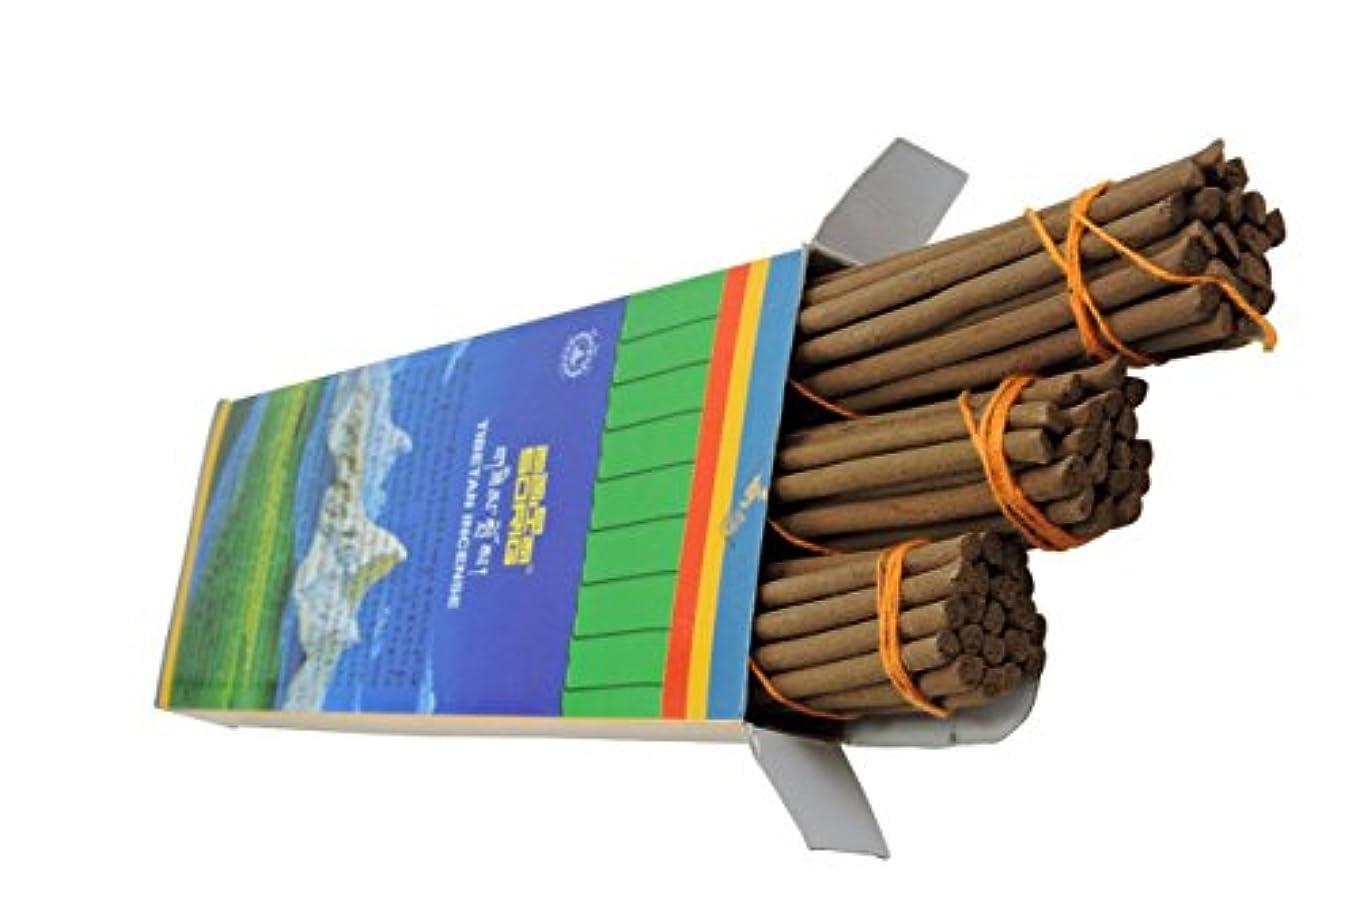 インタビュー臭い口径Handmade Tibetan Incense 60 Pack By Men- Tsee Khang by Hands Of Tibet